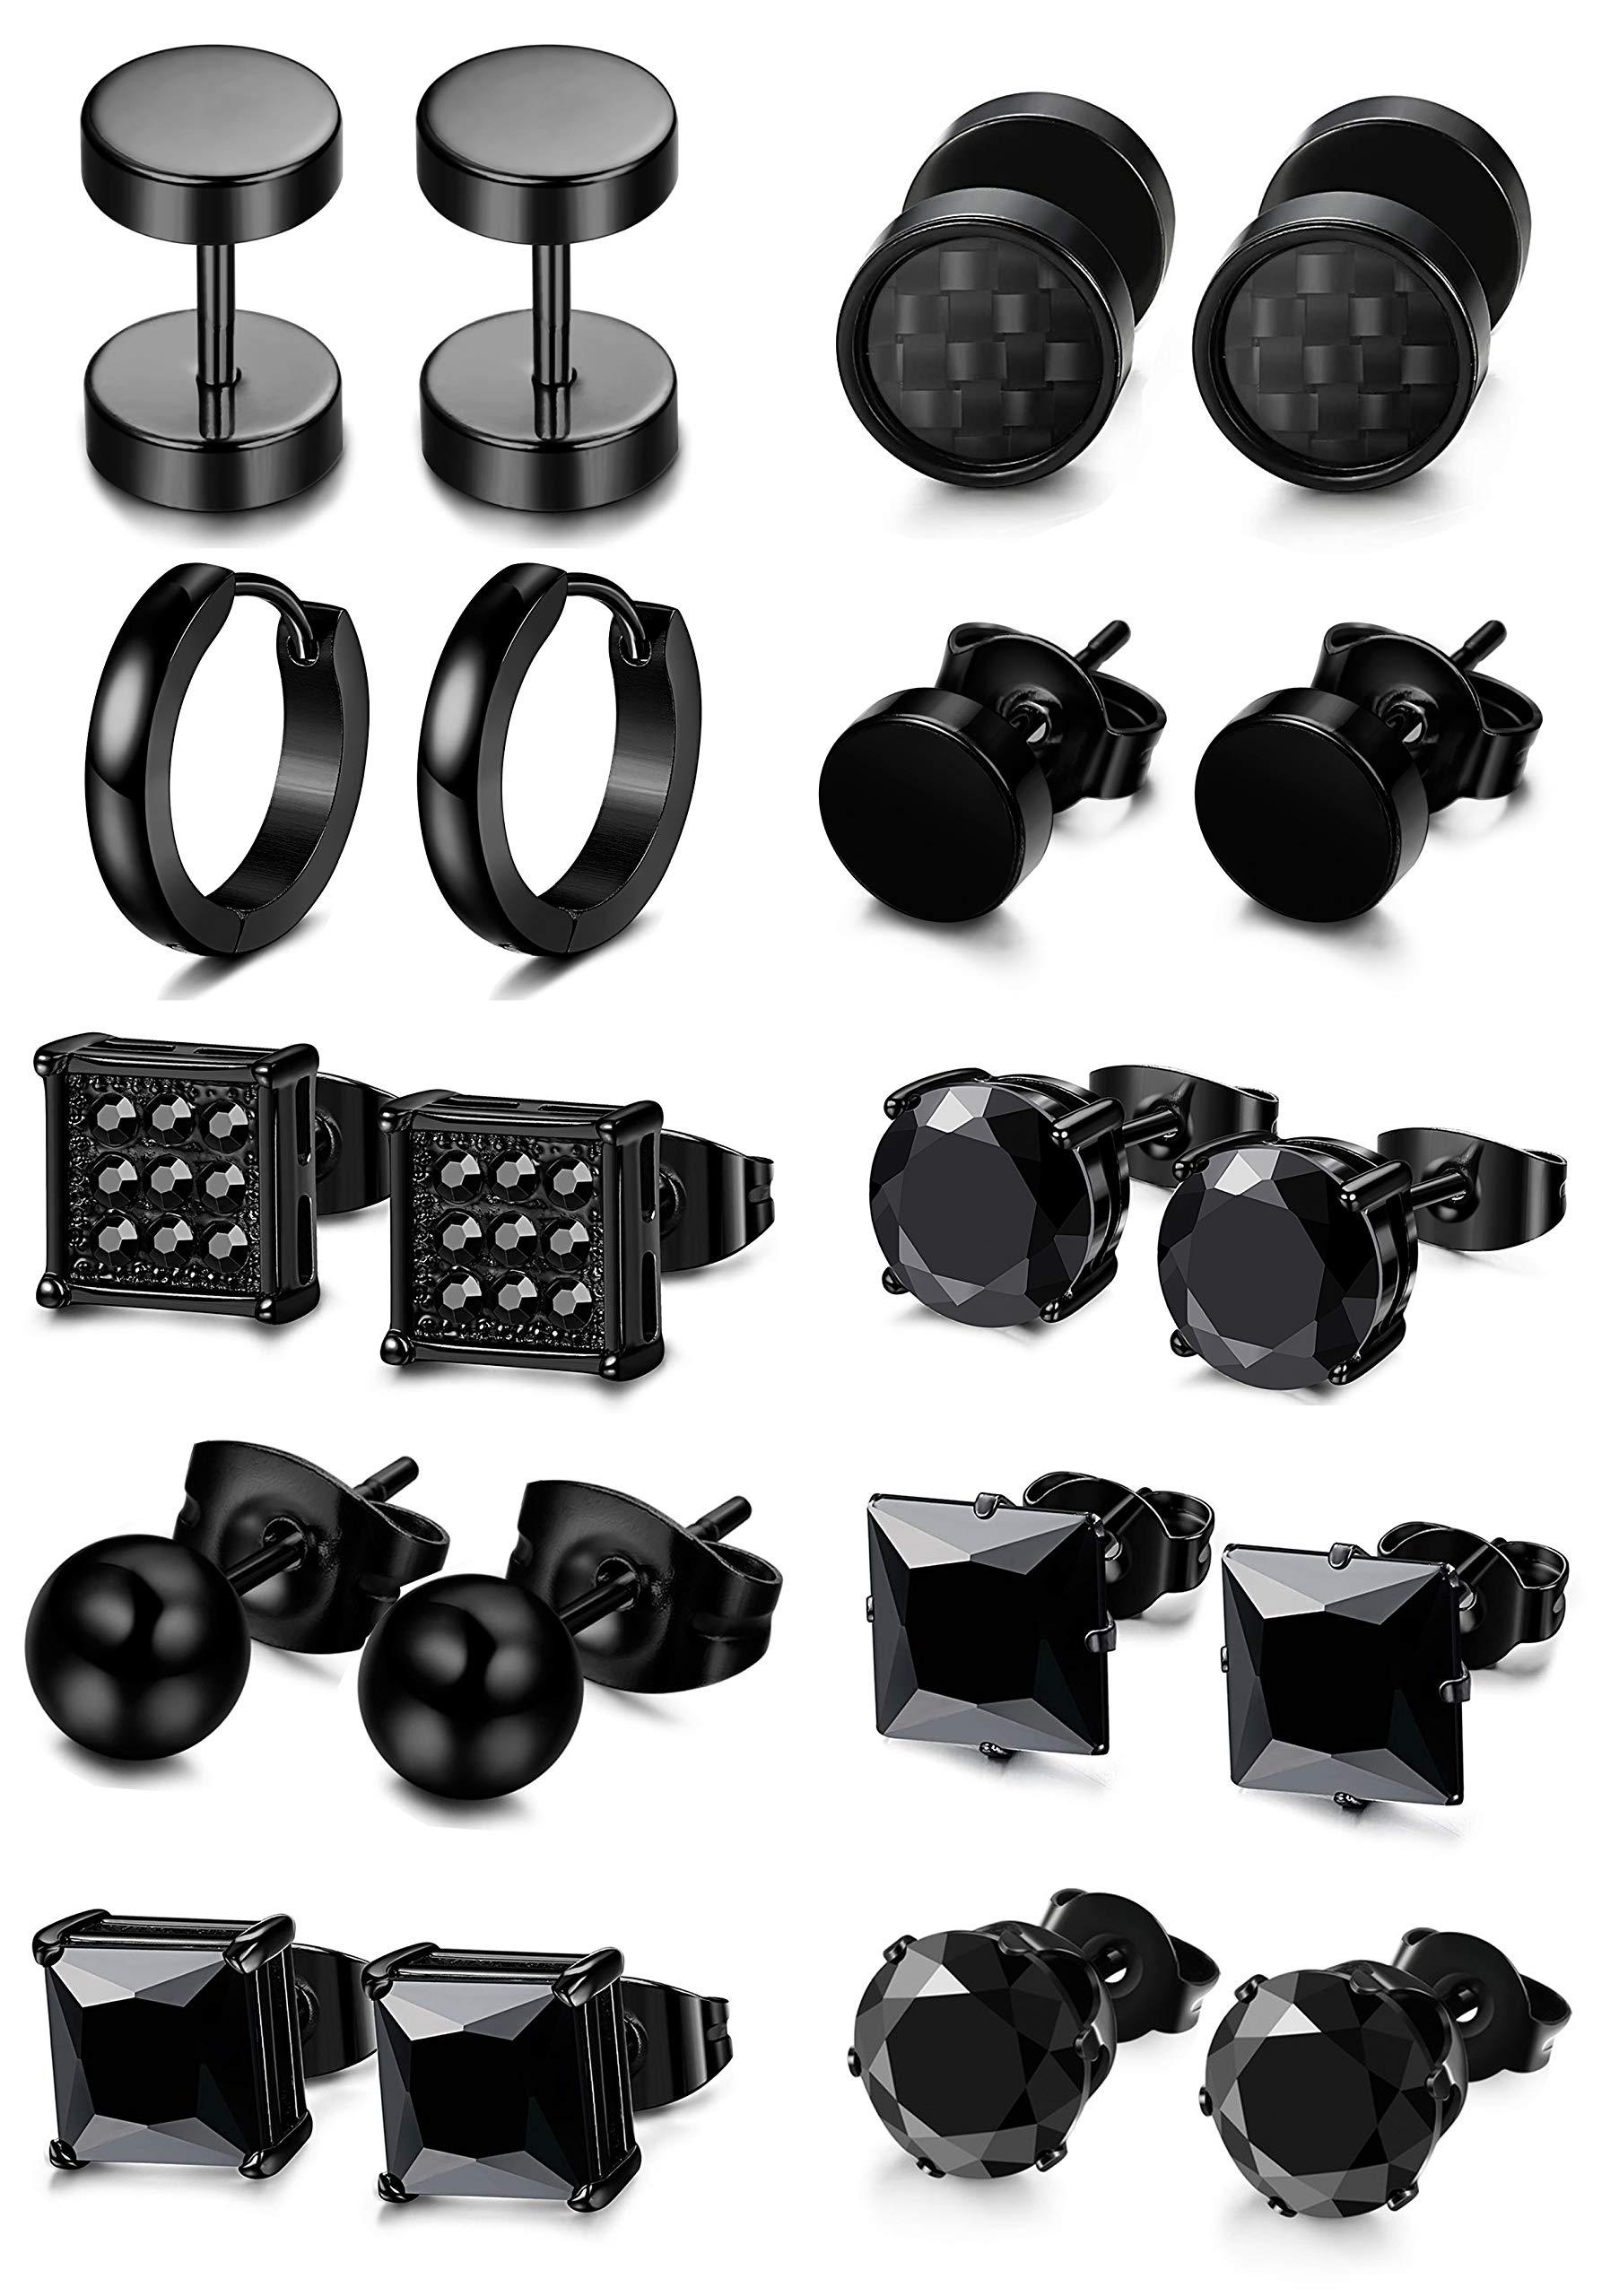 FIBO STEEL 5-10 Pairs Stainless Steel Black Stud Earrings for Men Women Huggie Earring Ear Piercing Set Hoop by FIBO STEEL